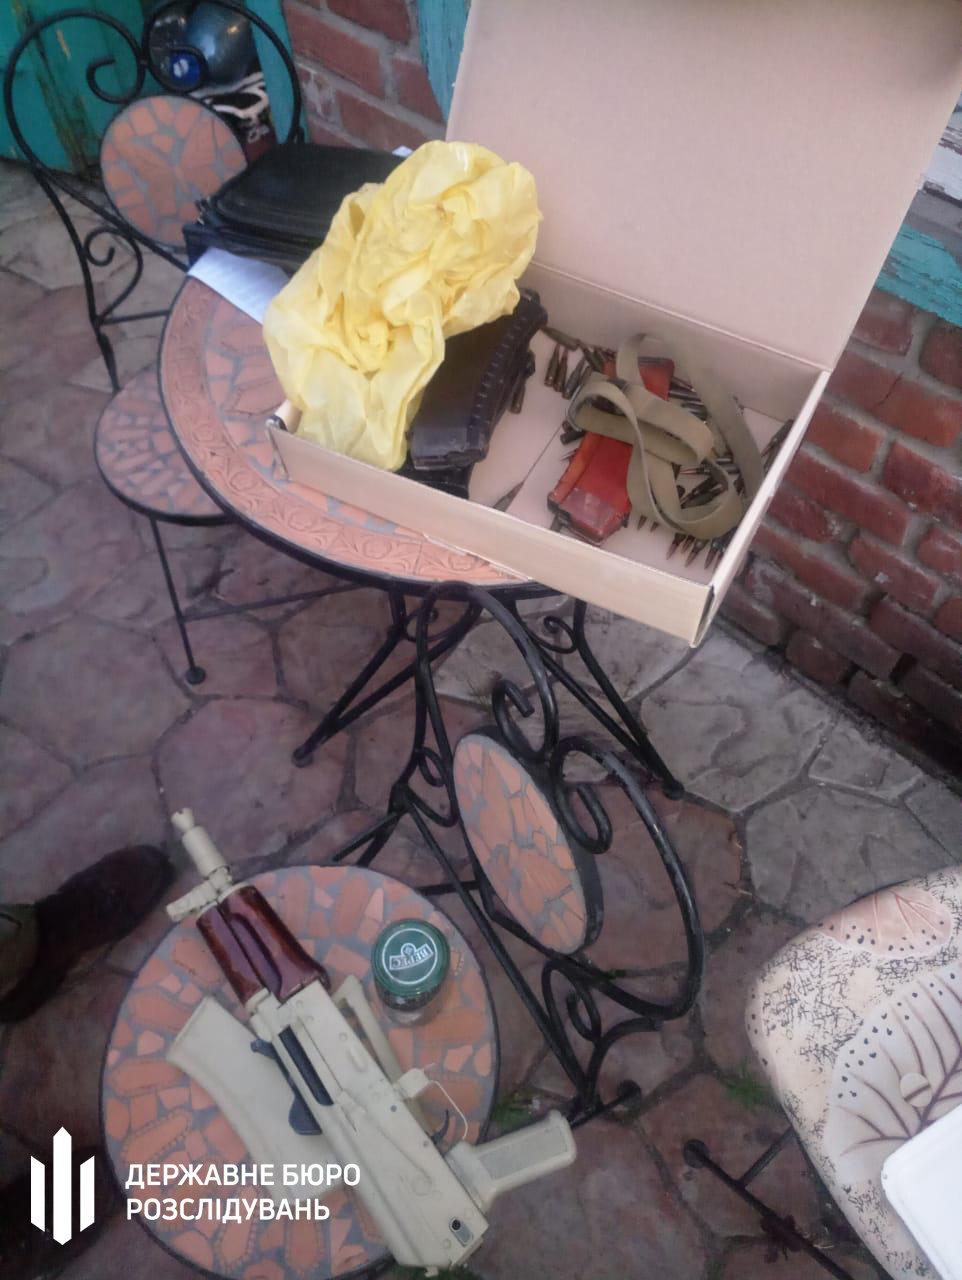 Продажа оружия и боеприпасов в Харькове: обвиняемого сотрудника СБУ будут судить, - ФОТО, фото-1